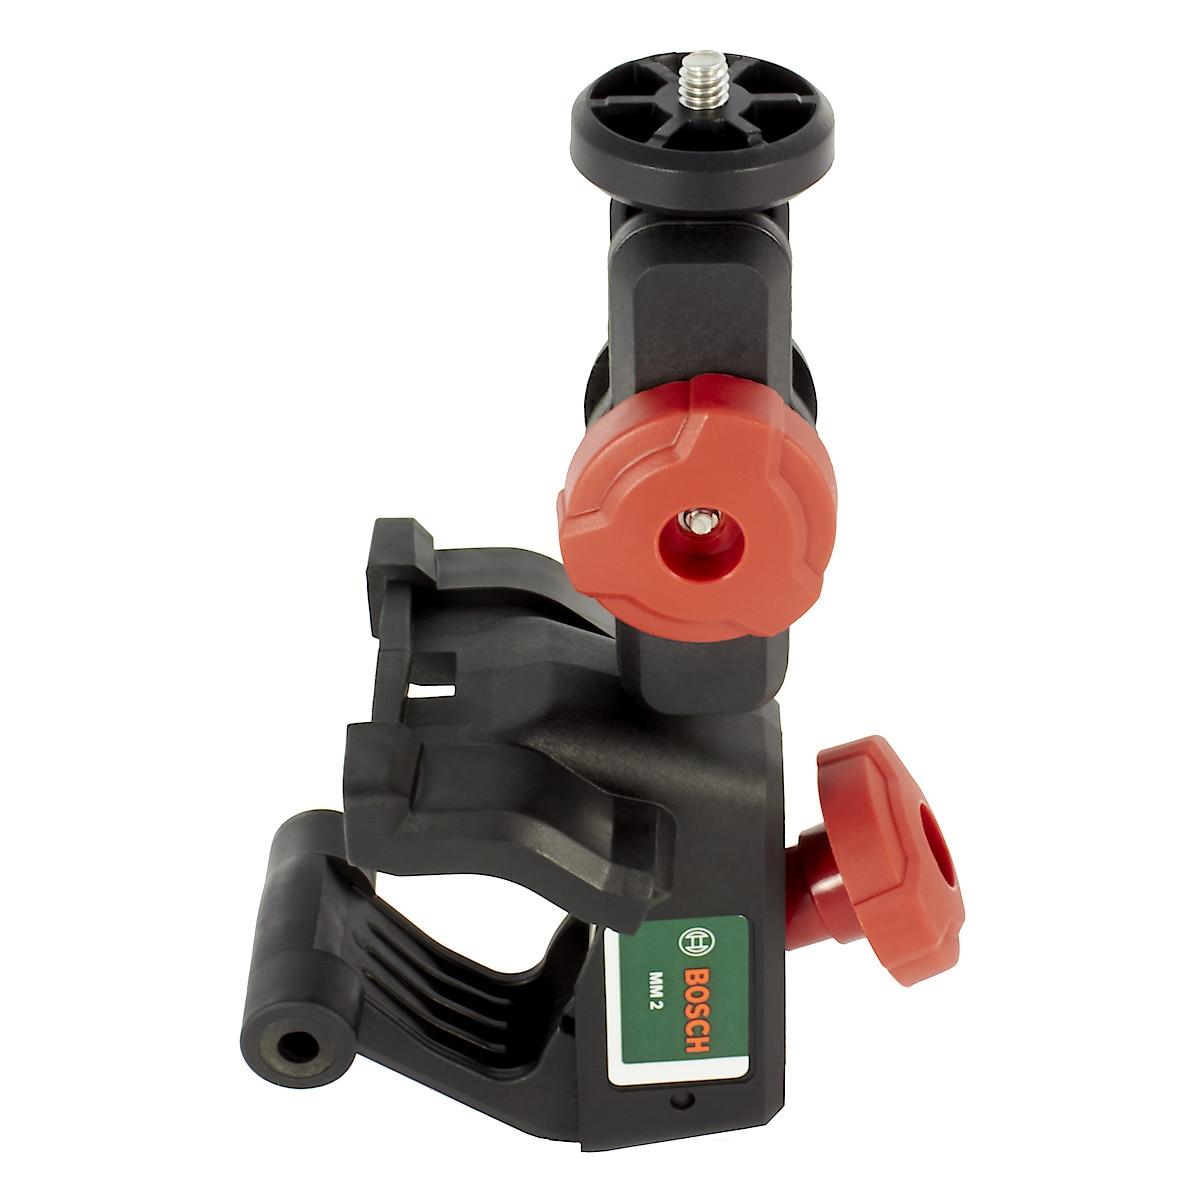 Universalhalterung Bosch MM 2